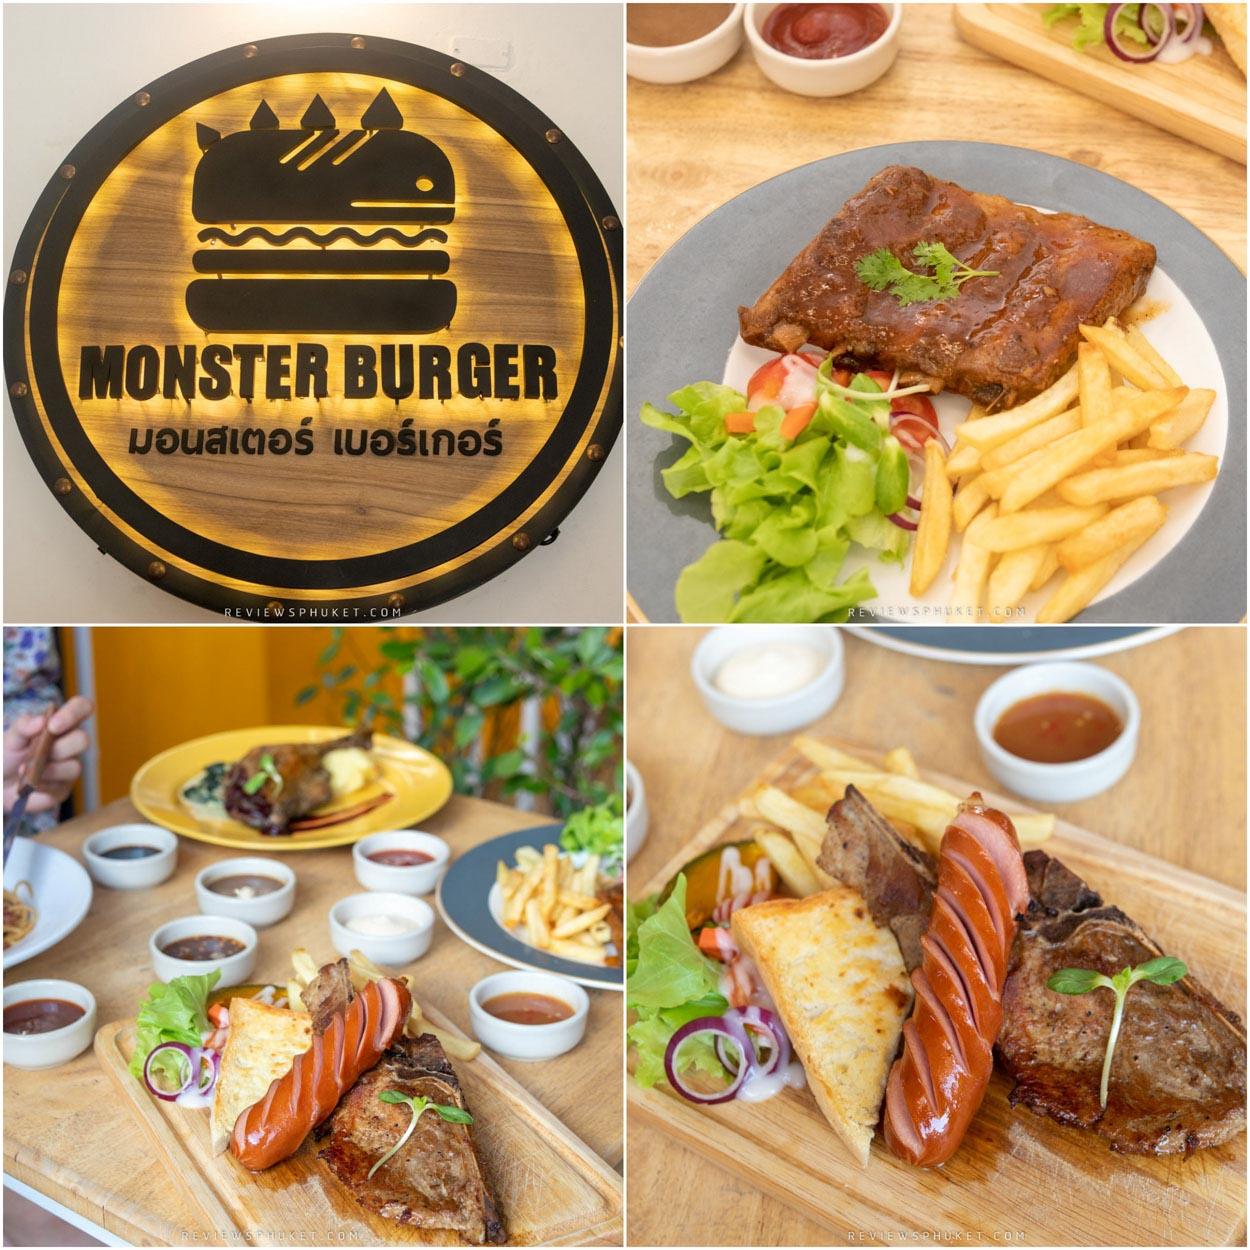 Monster Steak เสต็กร้านเด็ดเปิดใหม่แห่งภูเก็ต ที่ยก Monster Burger ร้านดัง ในตำนานจากเกาะพีพี มาให้ลูกค้าเกาะภูเก็ตได้ลิ้มรสกันครับ